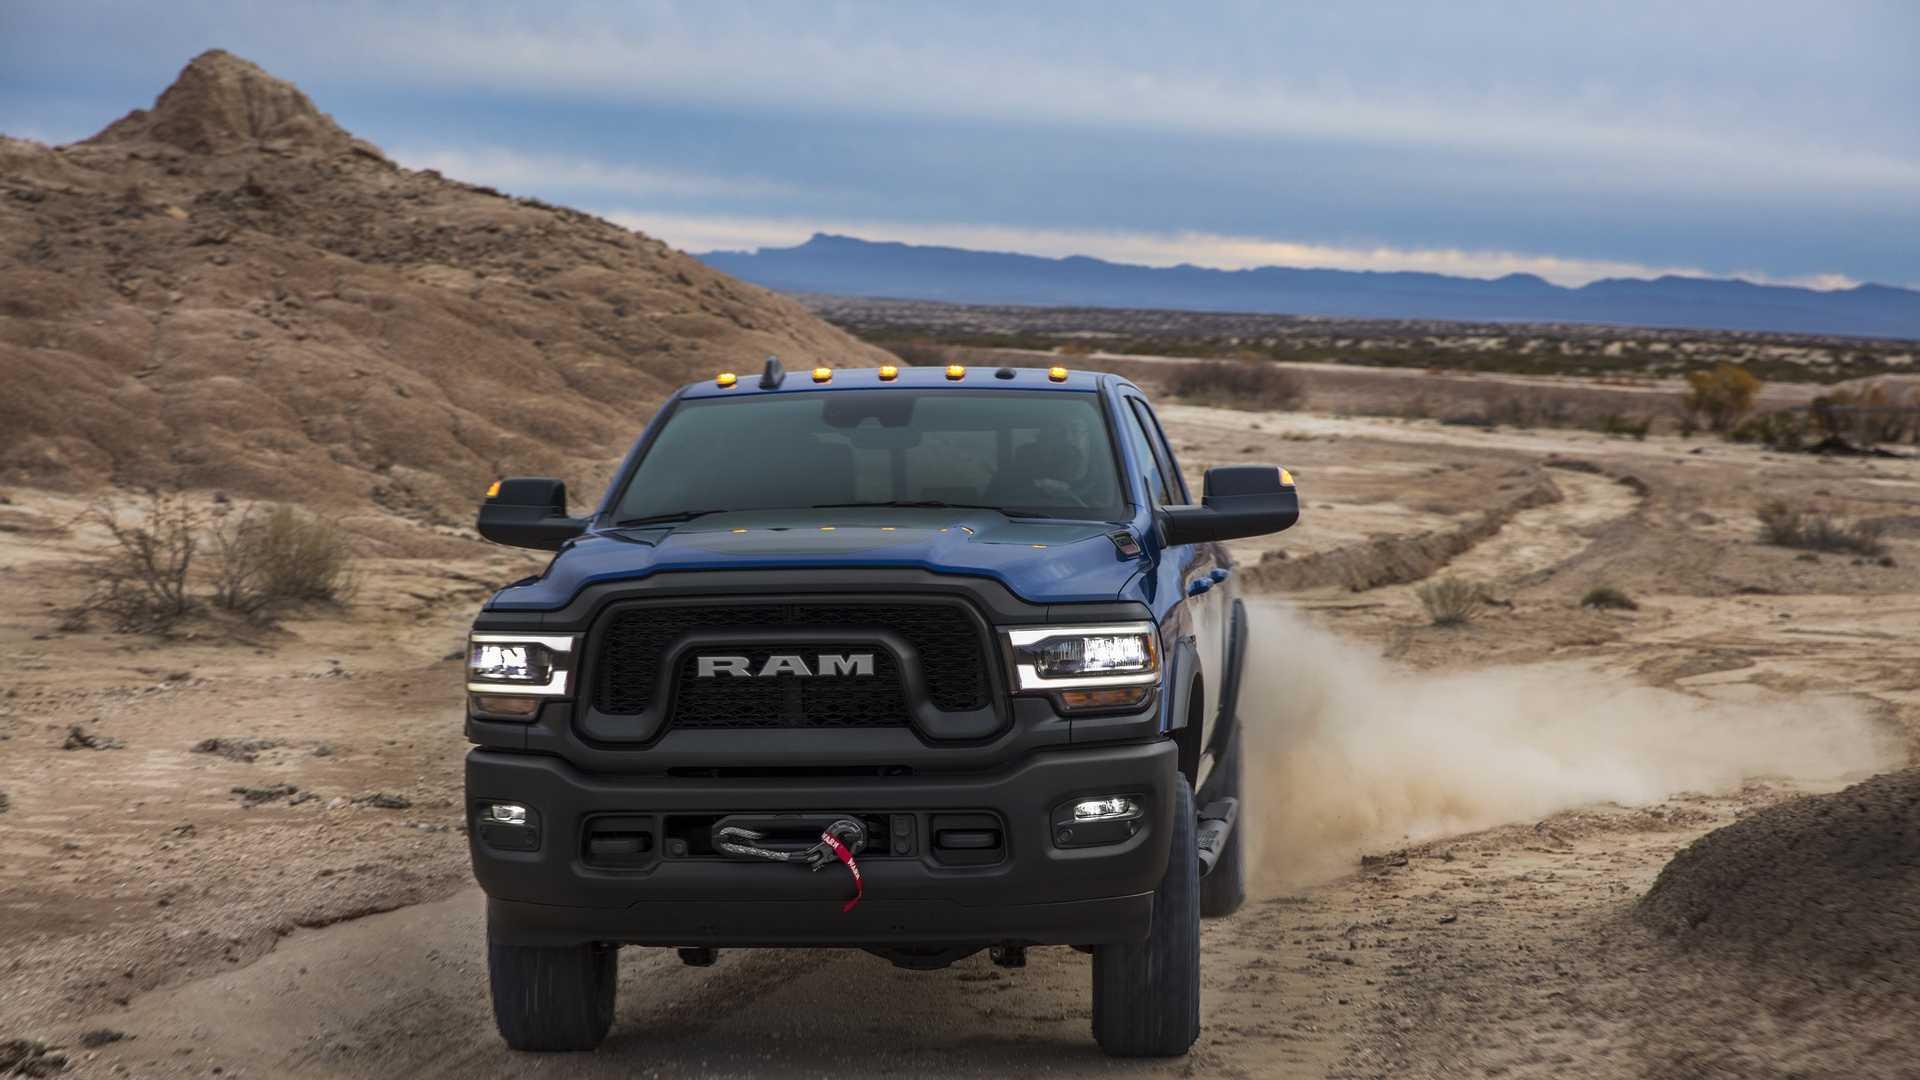 2019-ram-heavy-duty-exterior (78)